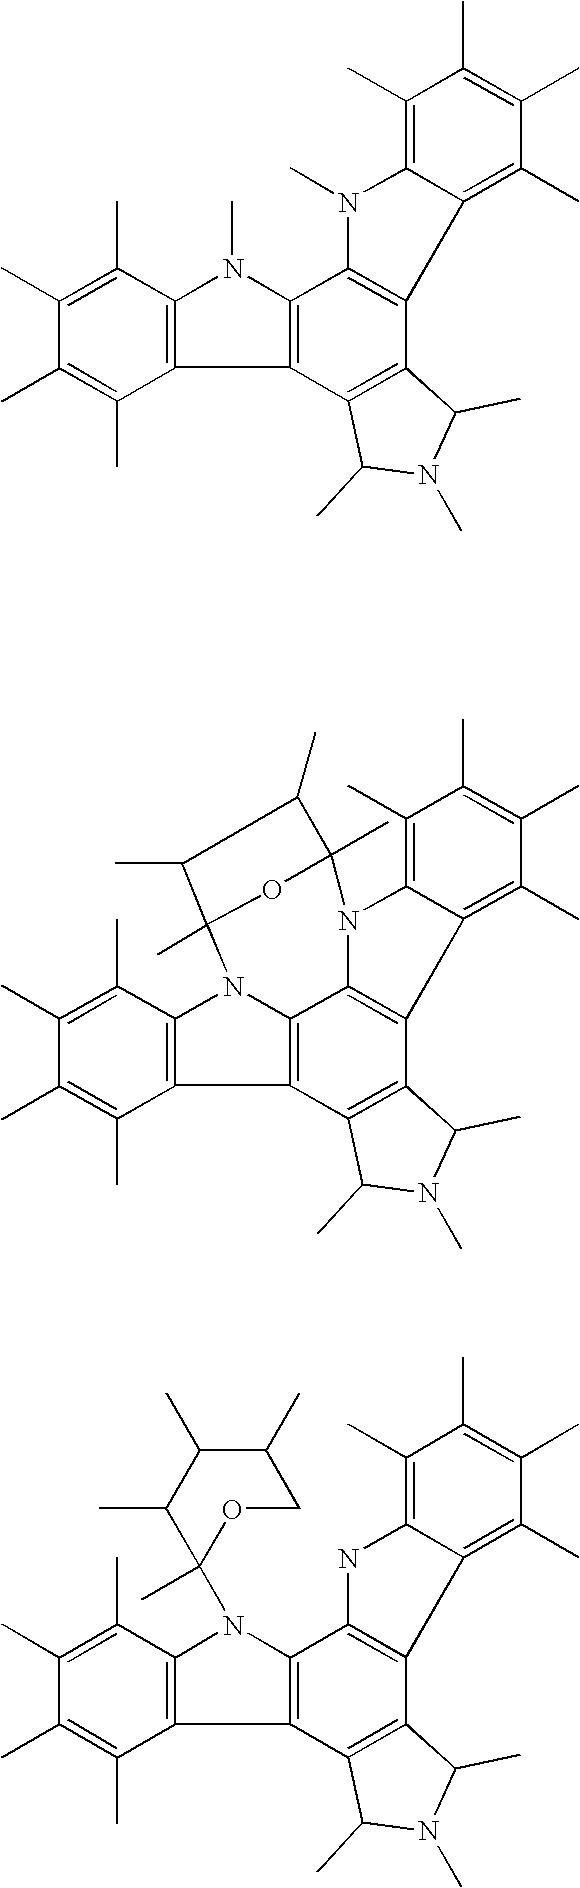 Figure US20080051758A1-20080228-C00002